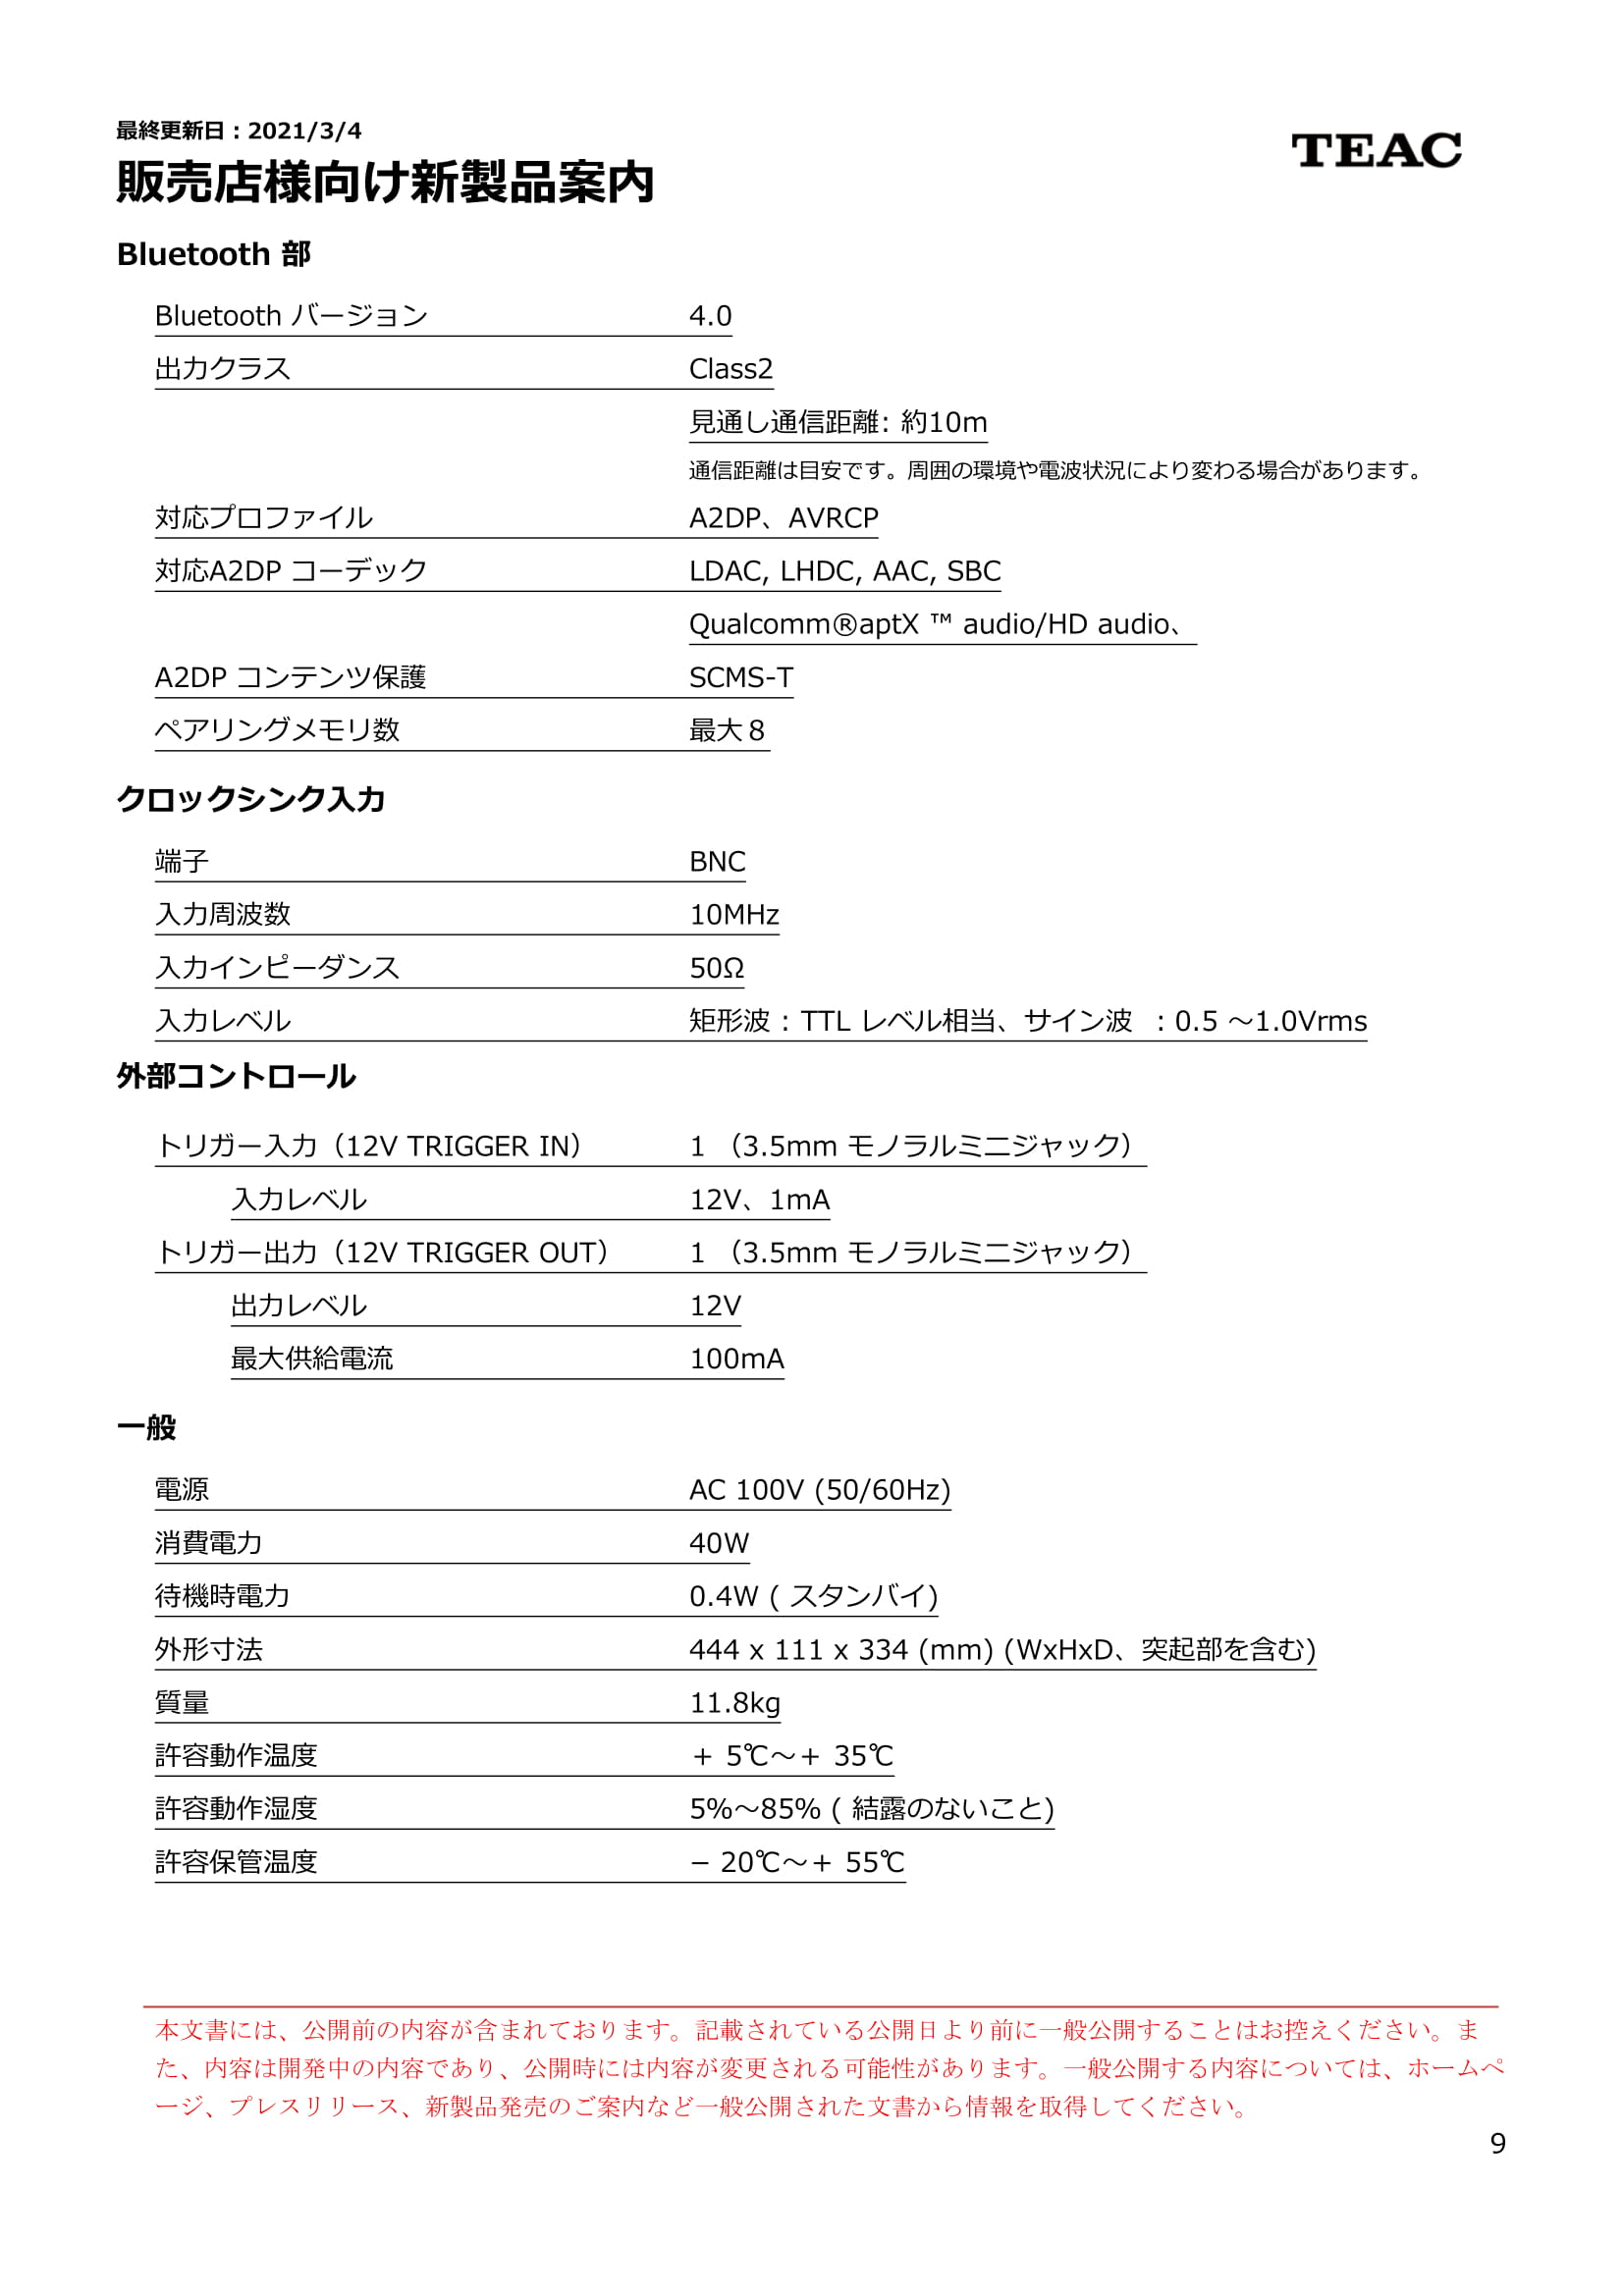 UD-701N_SNPI_210304-09.jpg